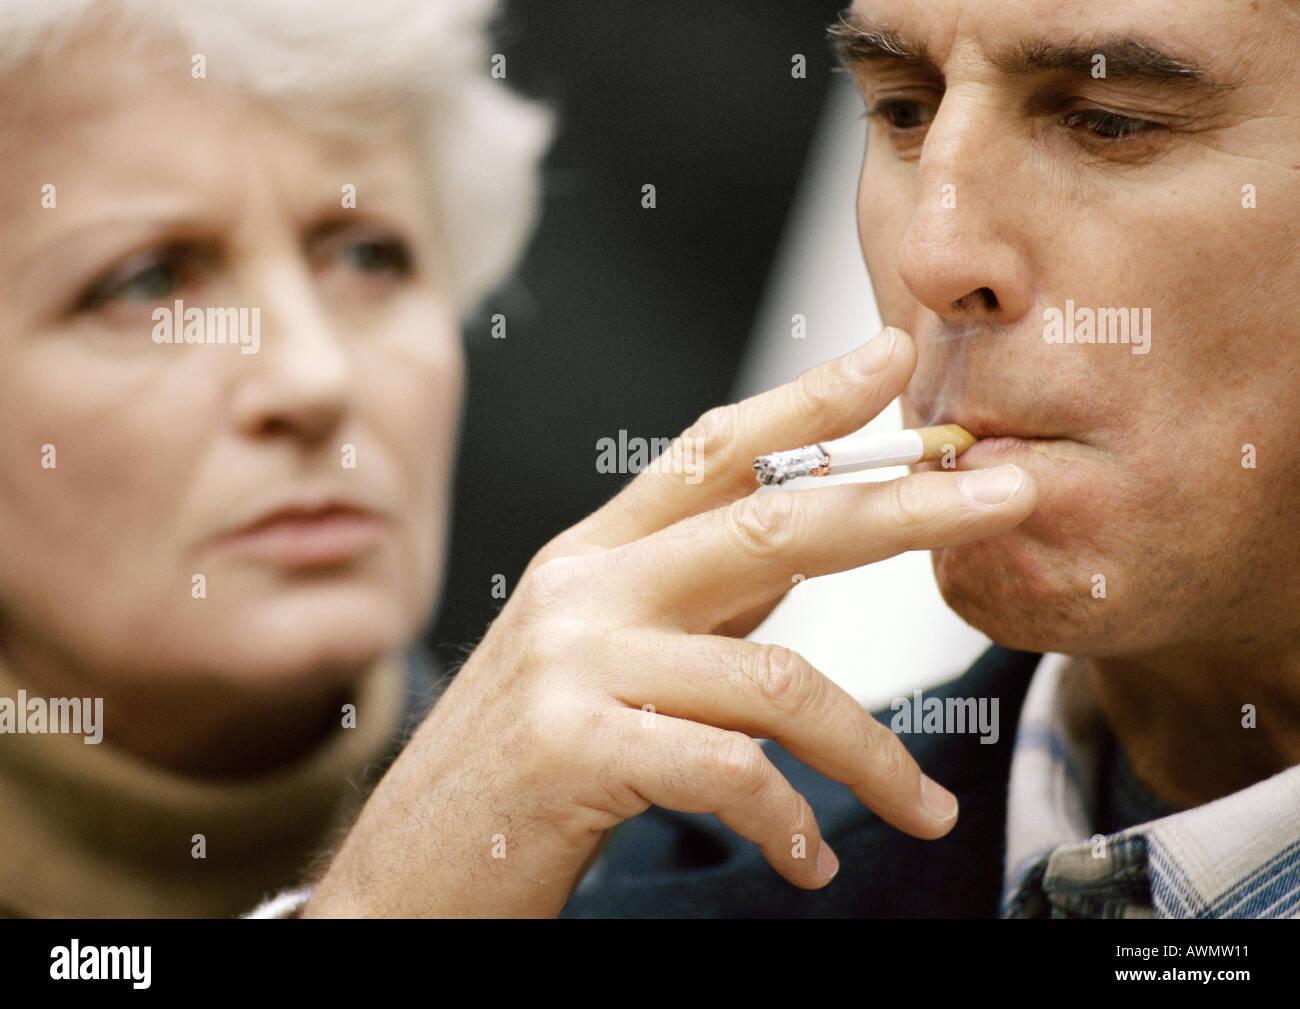 Menschen rauchen, Frau verschwommen im Hintergrund, Nahaufnahme Stockfoto